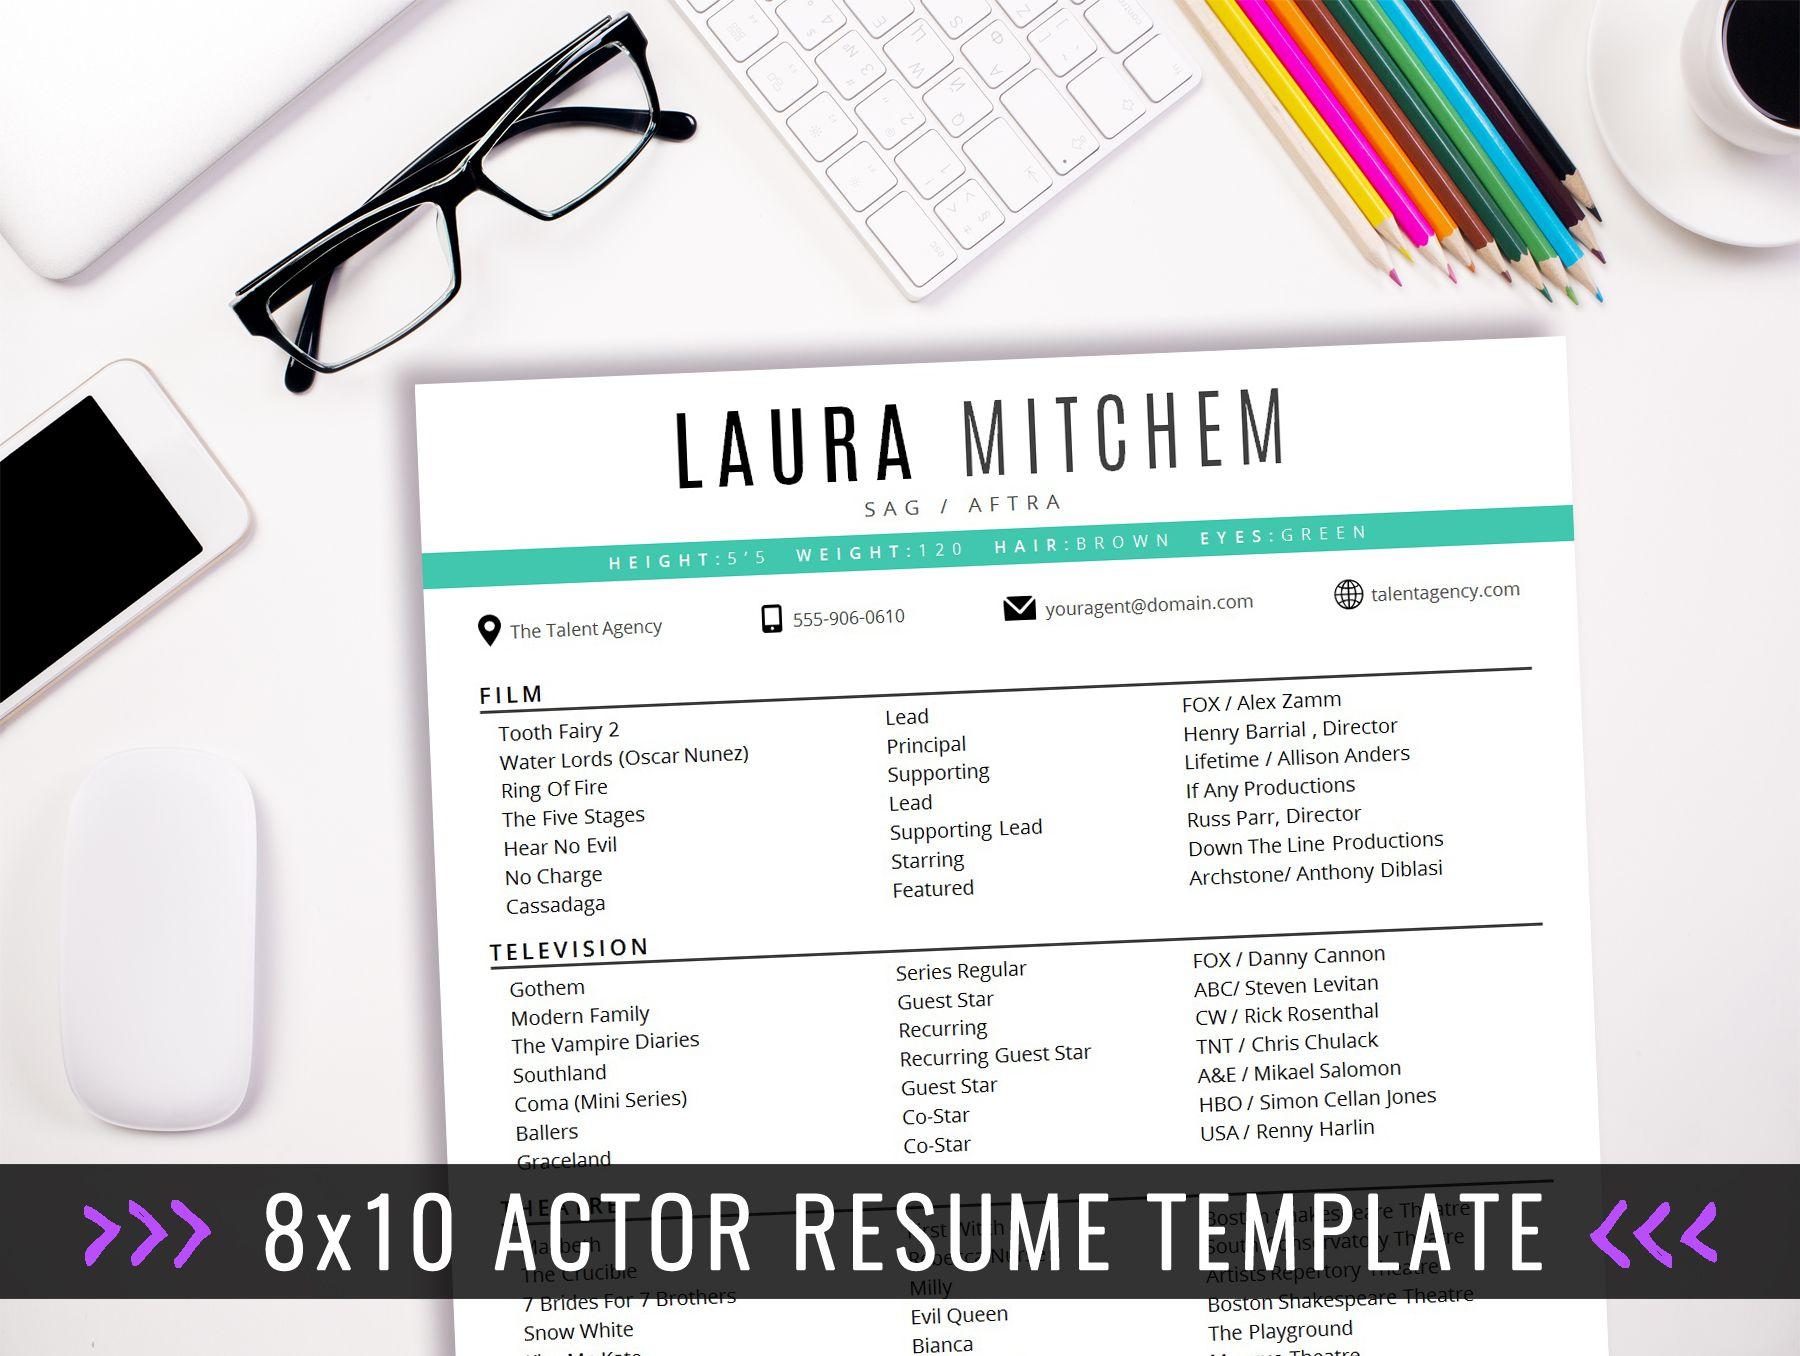 X Actor Resume Template  X Actor Resume Template  Instant